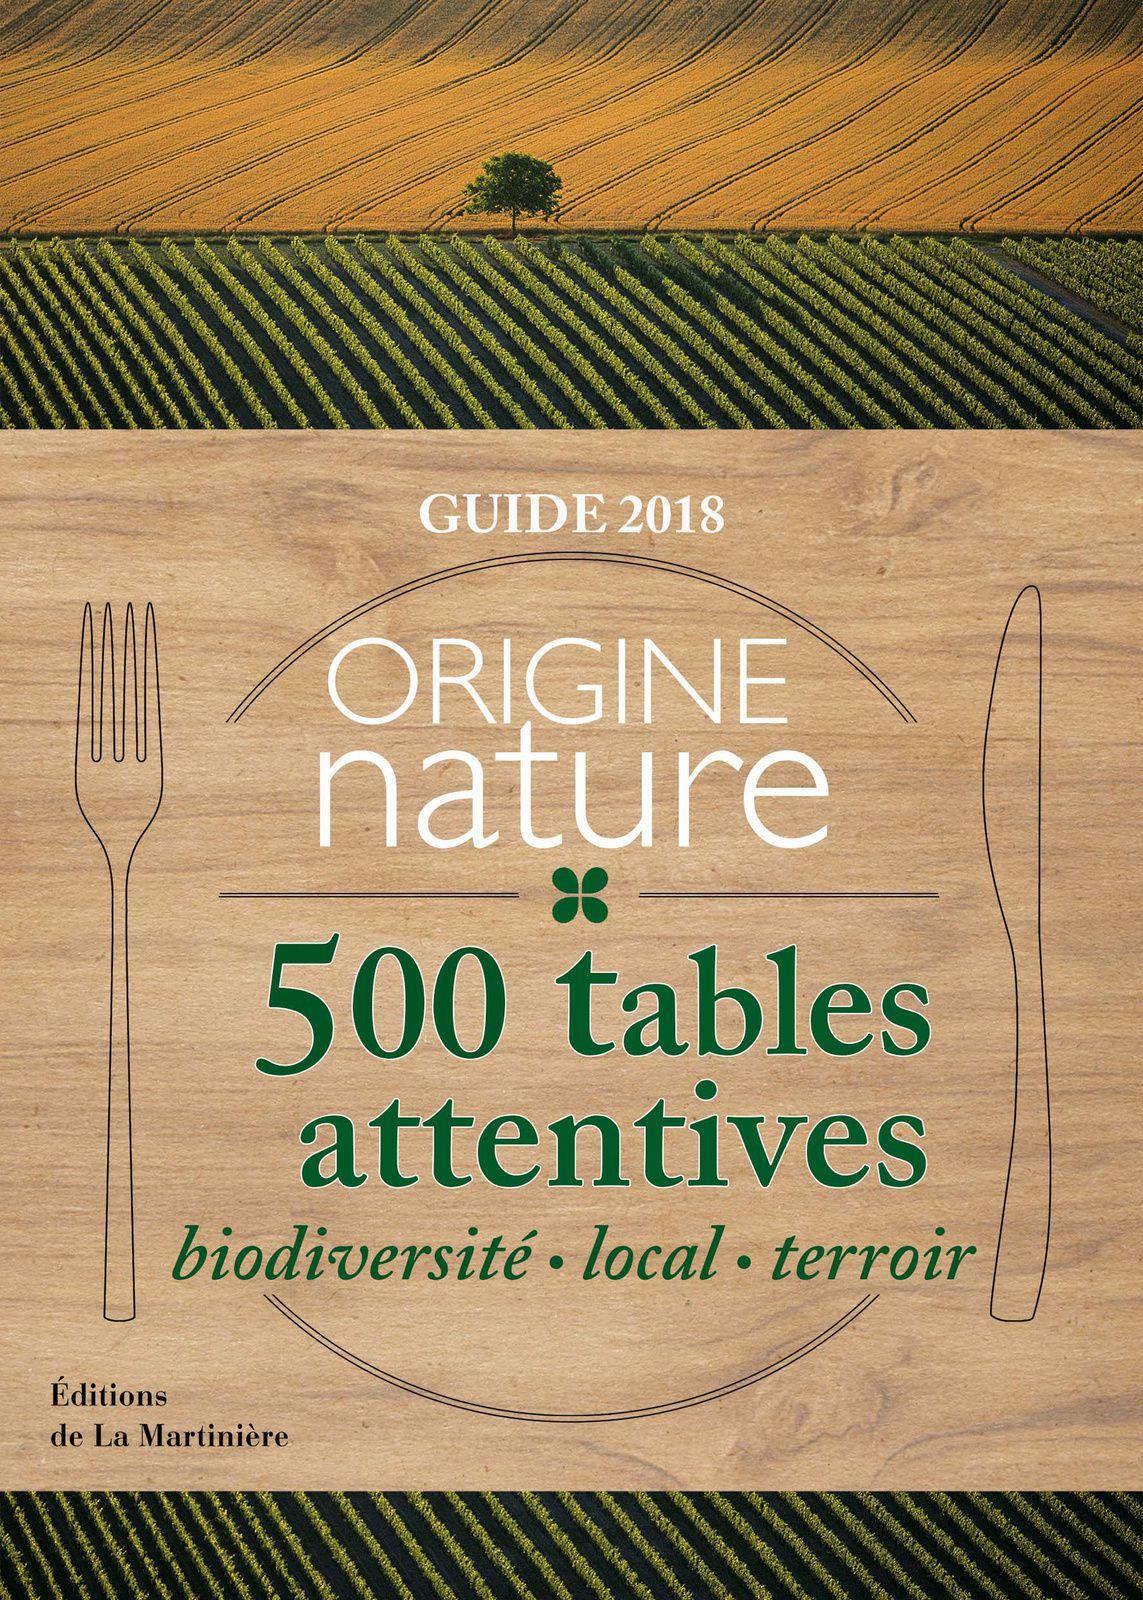 Origine Nature, le guide des tables attentives, passe par le Berry ...